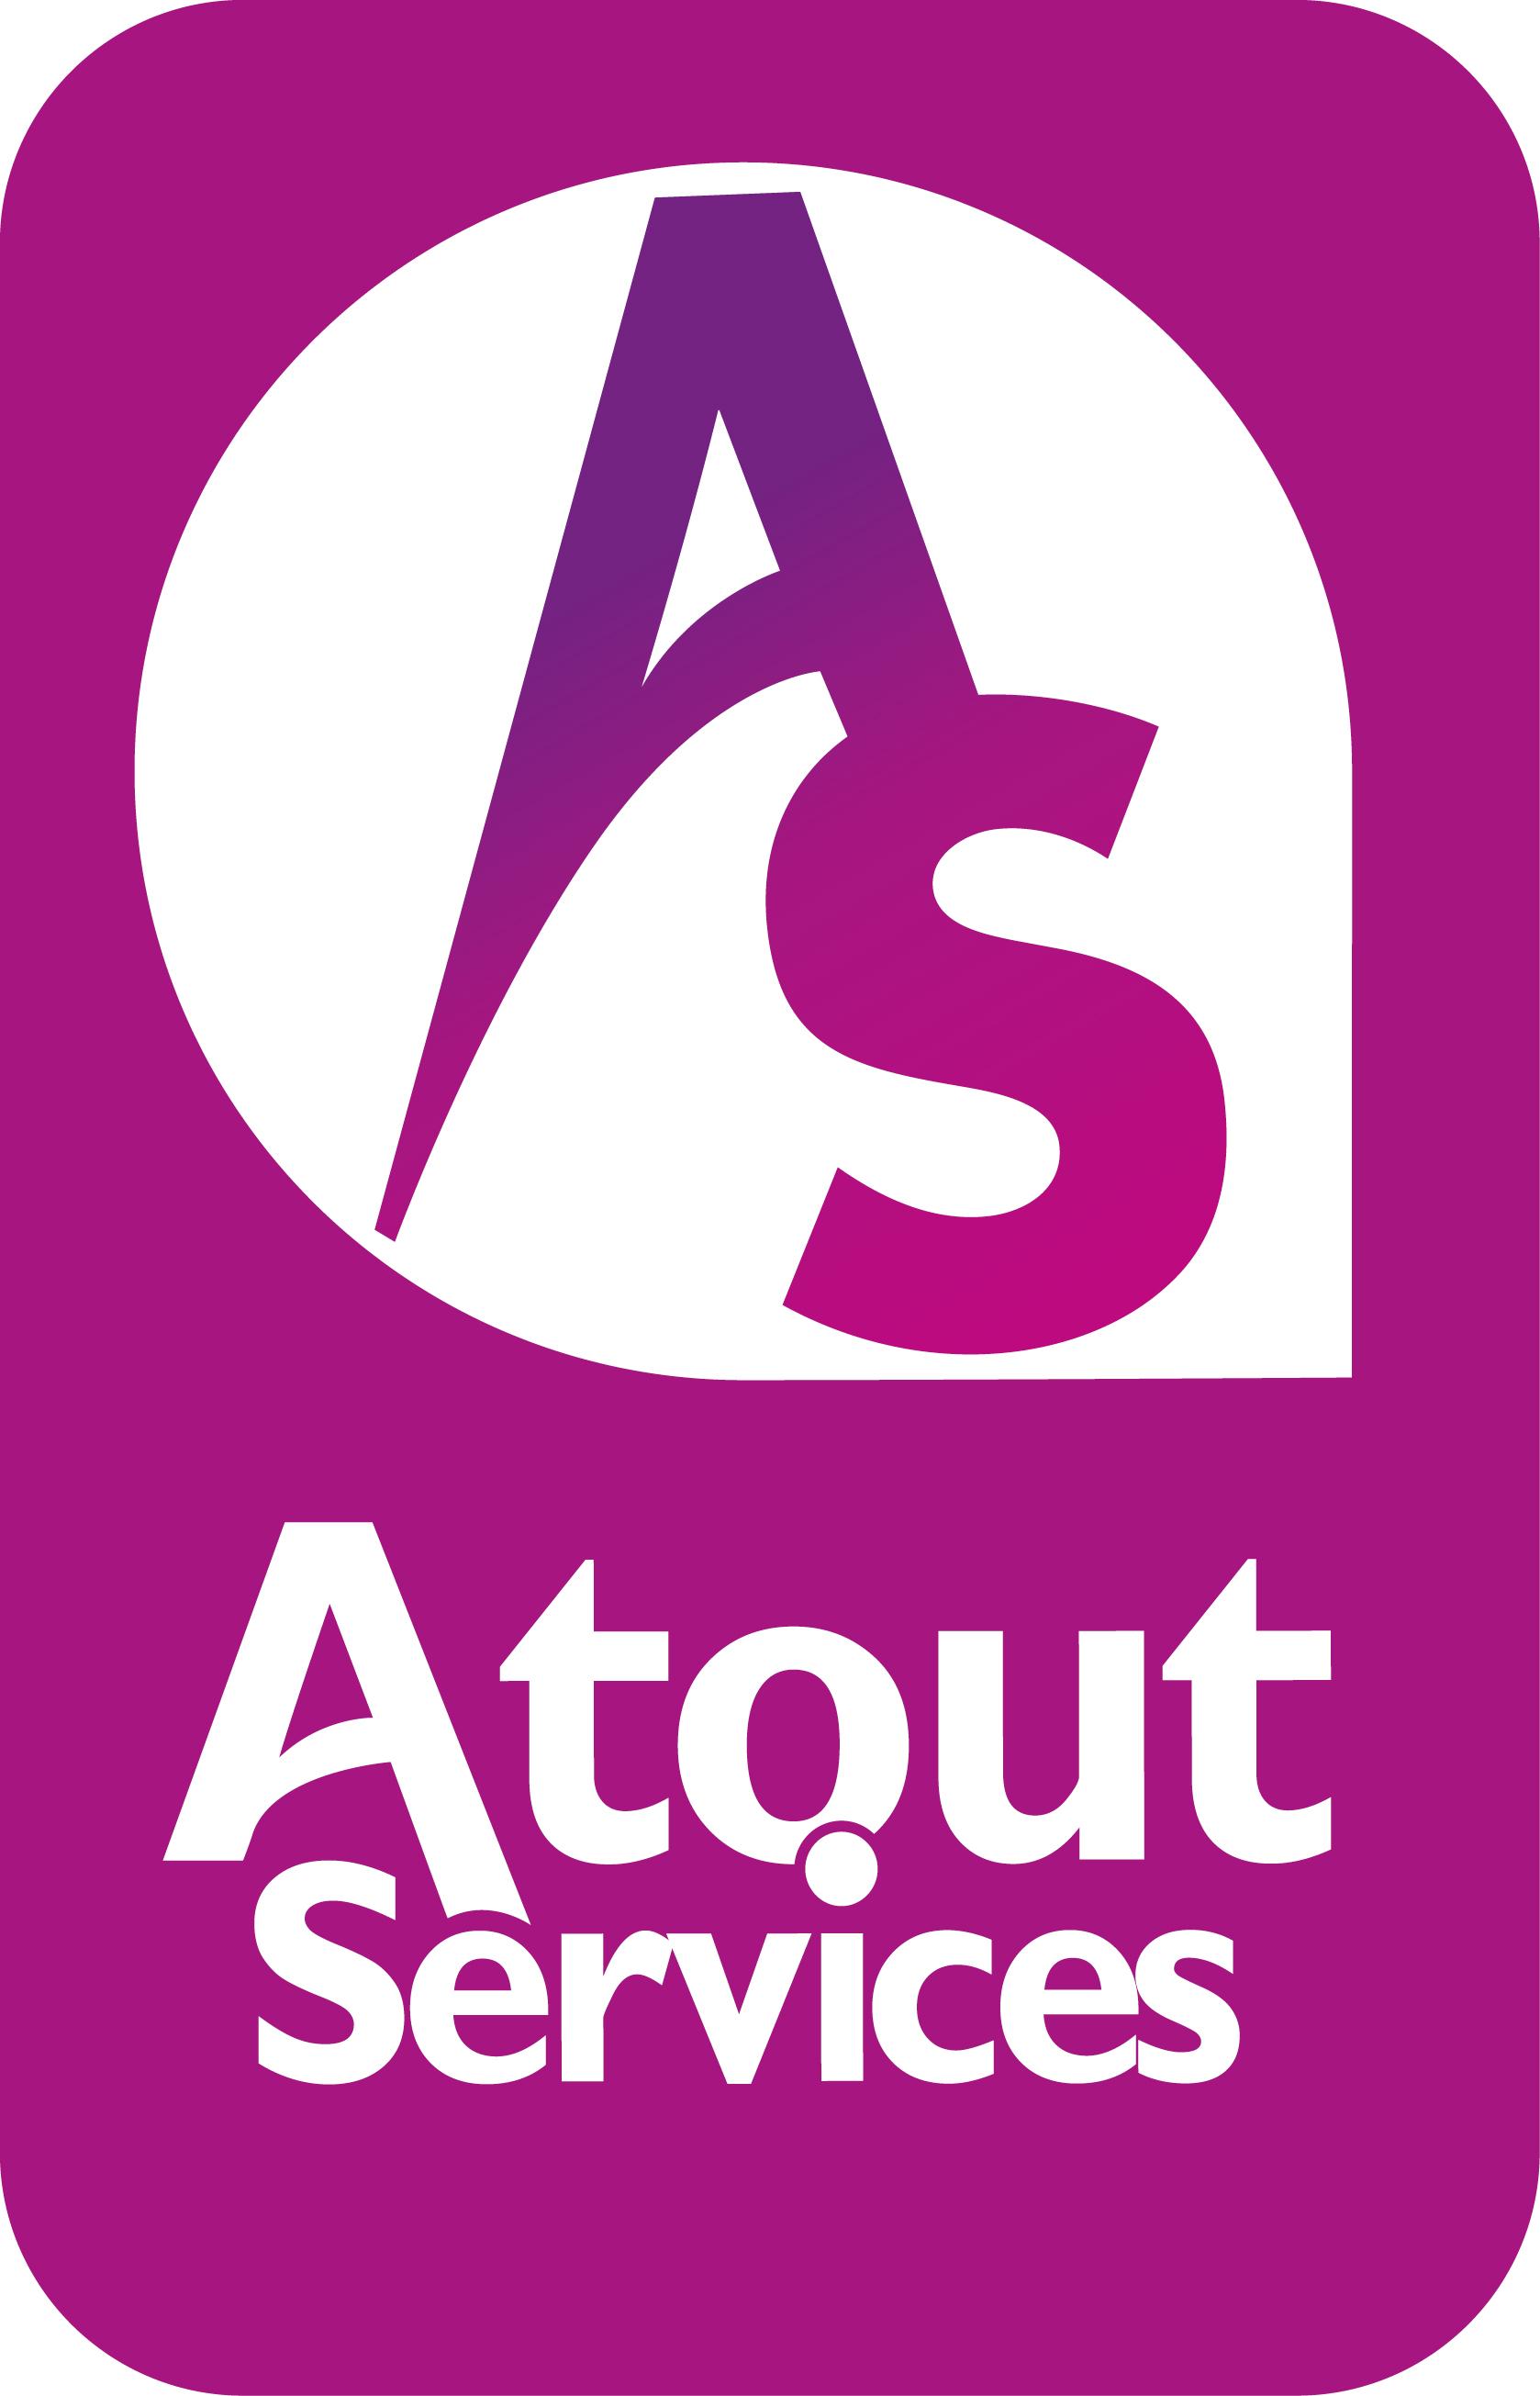 logo_526_atout_services_logo.jpg